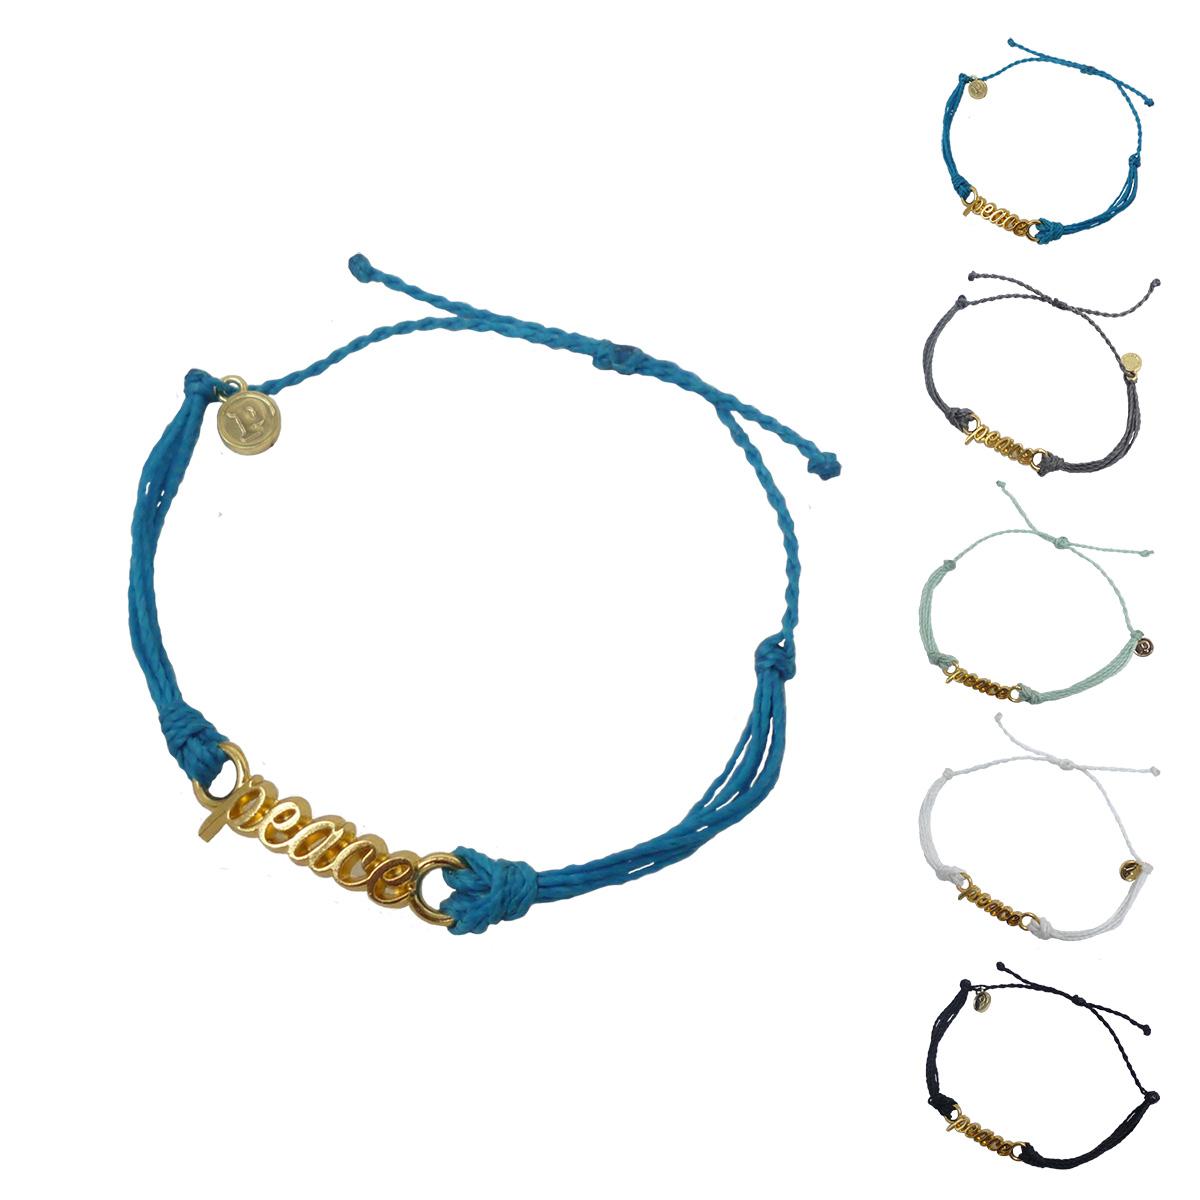 画像1: puravida bracelets プラヴィダブレスレット GOLD WORD PEACE 全5色 レディース/メンズ (1)